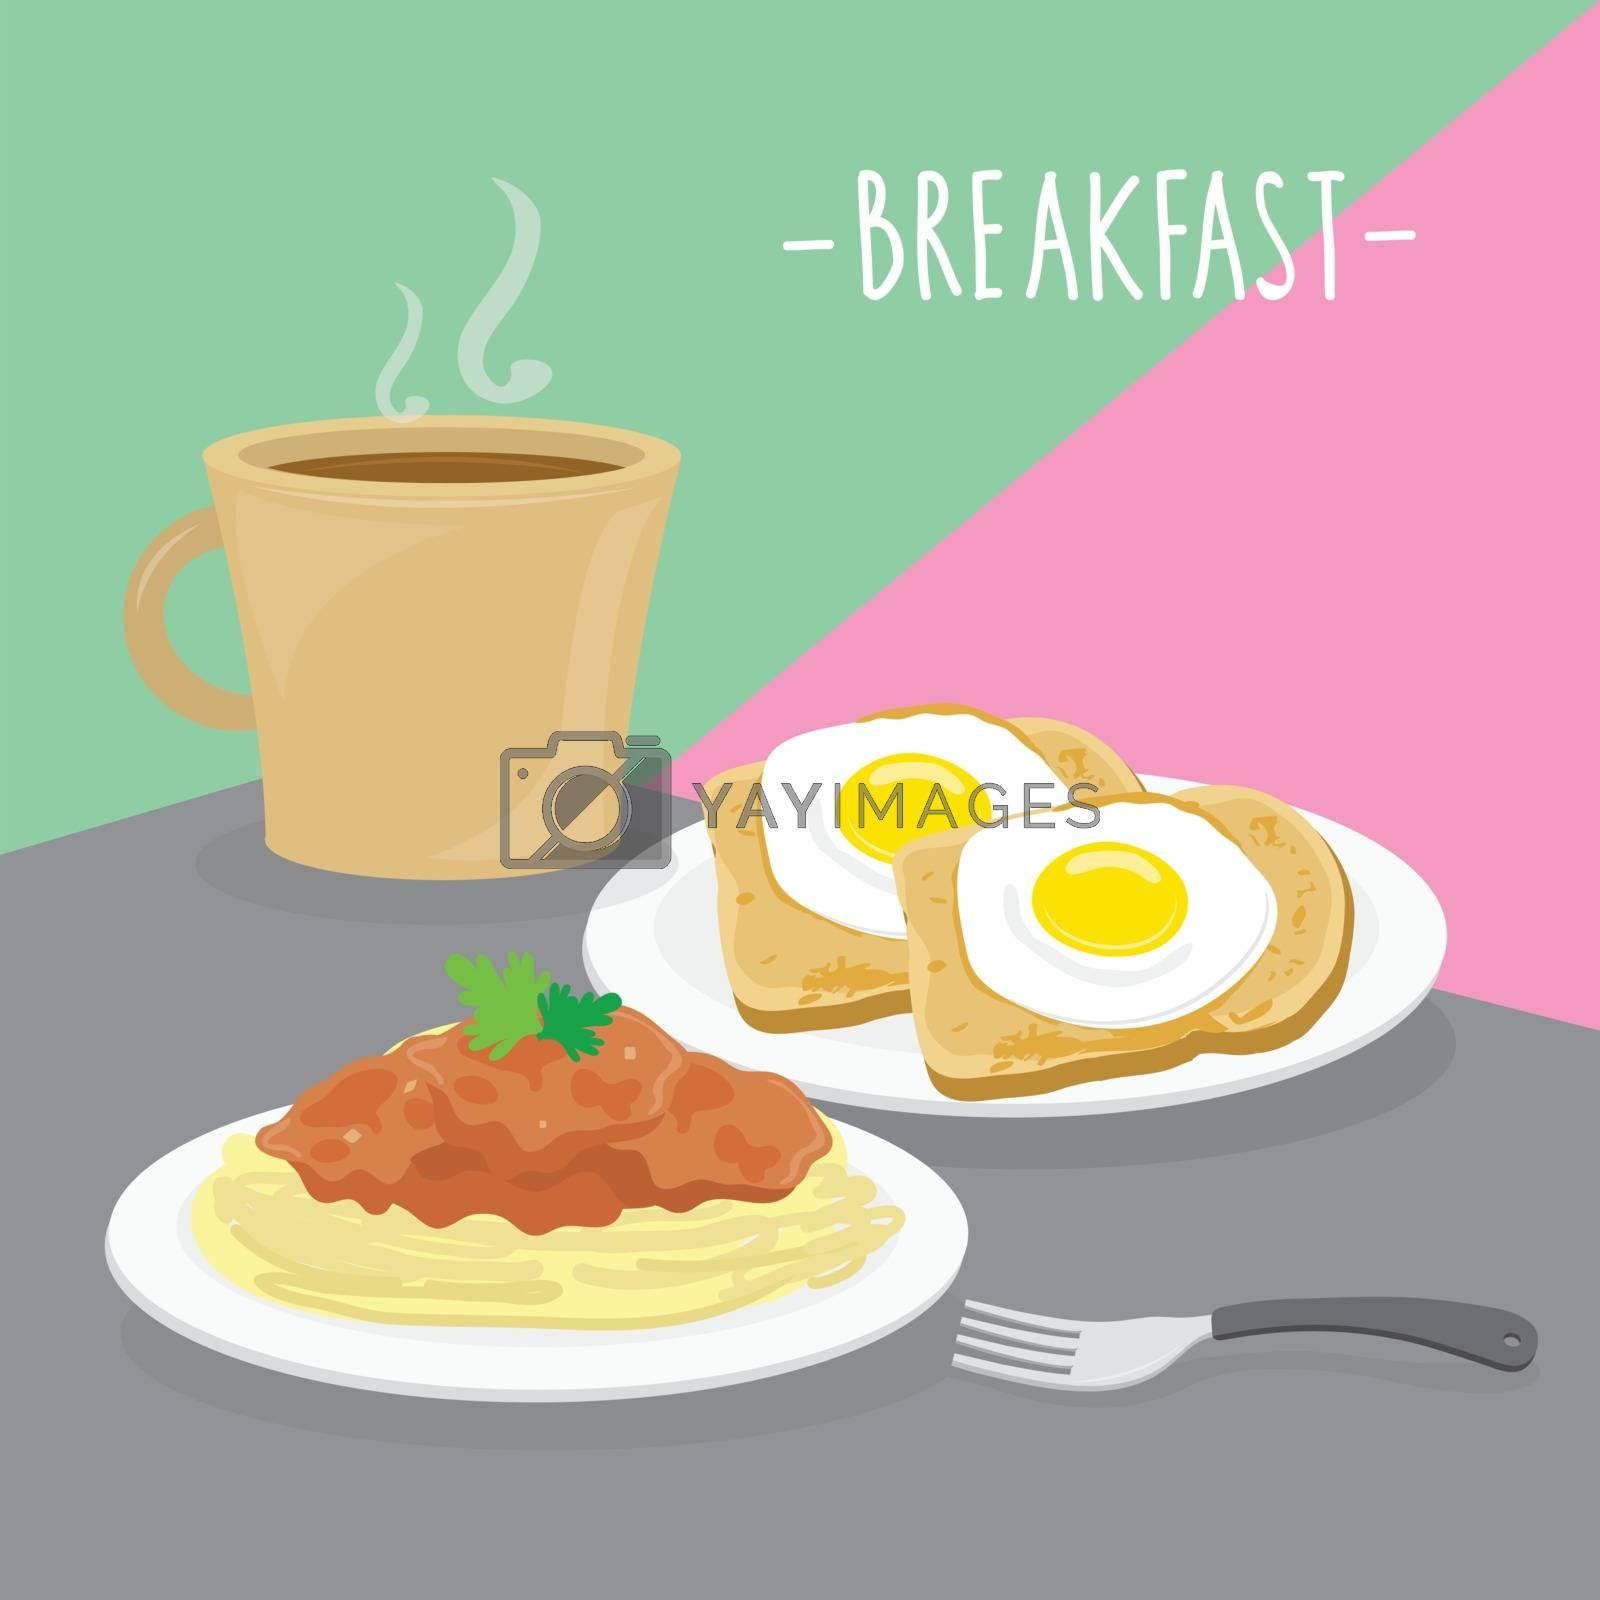 Food Meal Breakfast Dairy Eat Drink Menu Restaurant Vector